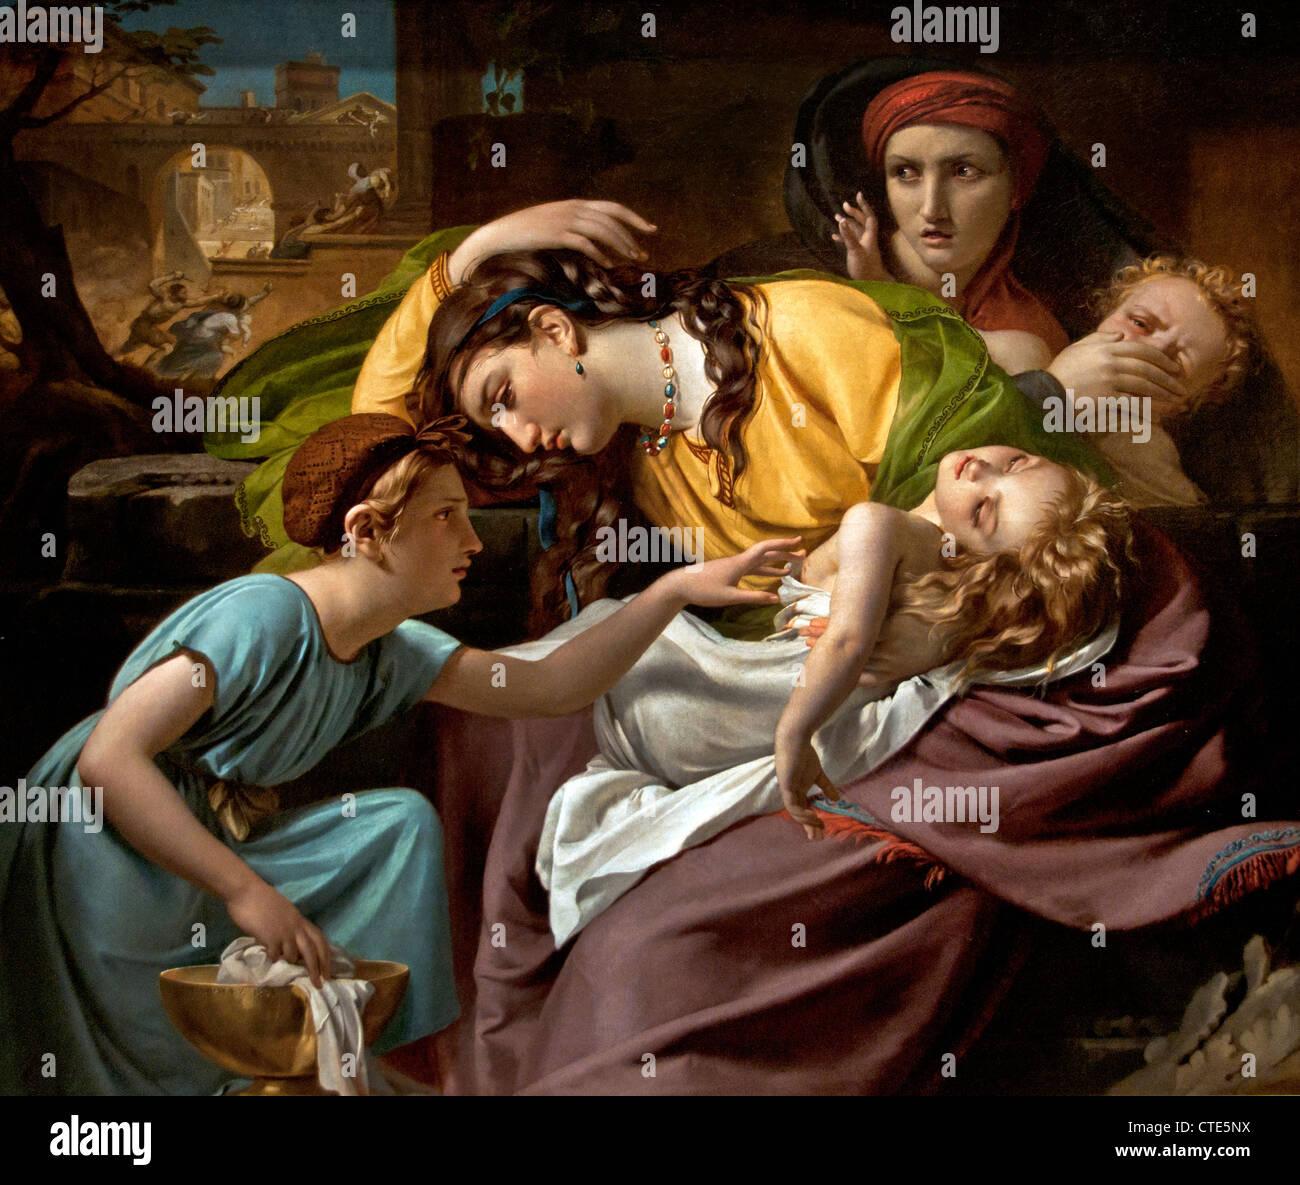 Le Massacre Des Innocents 1816 Por François Joseph Navez Bélgica Bélgica Foto de stock